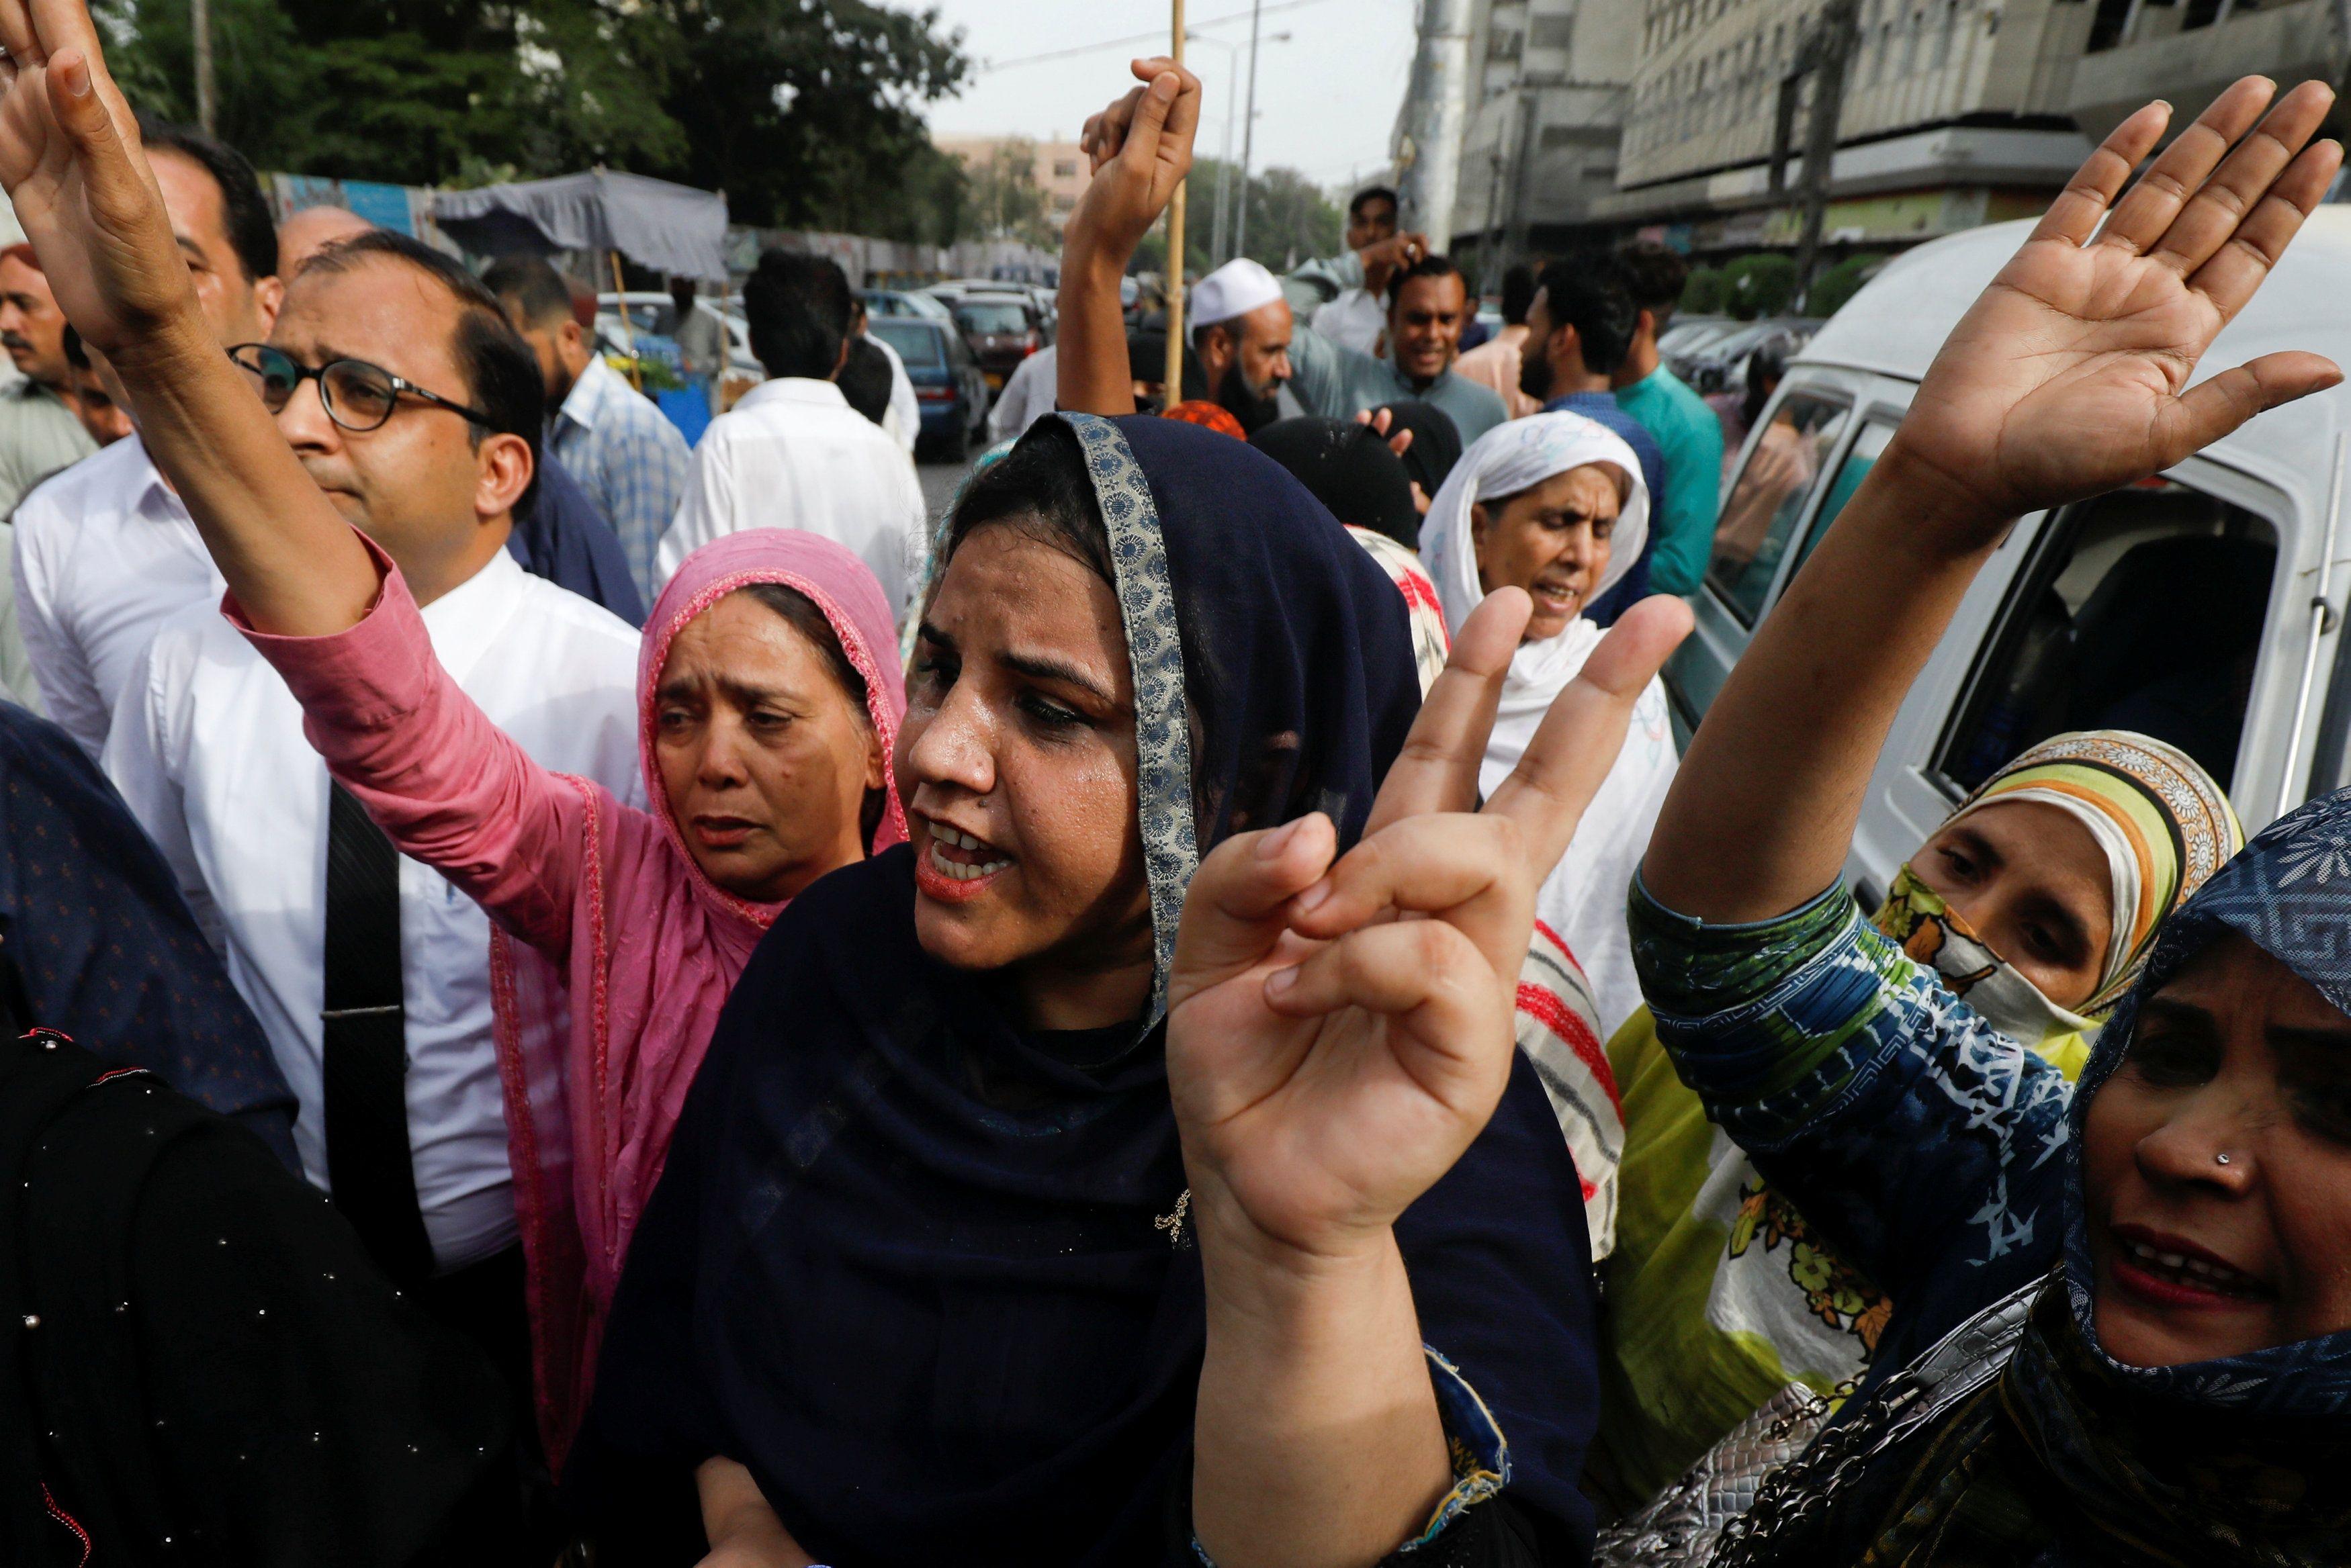 Atentado suicida dejó 128 muertos y 122 heridos en Pakistán - Internacionales